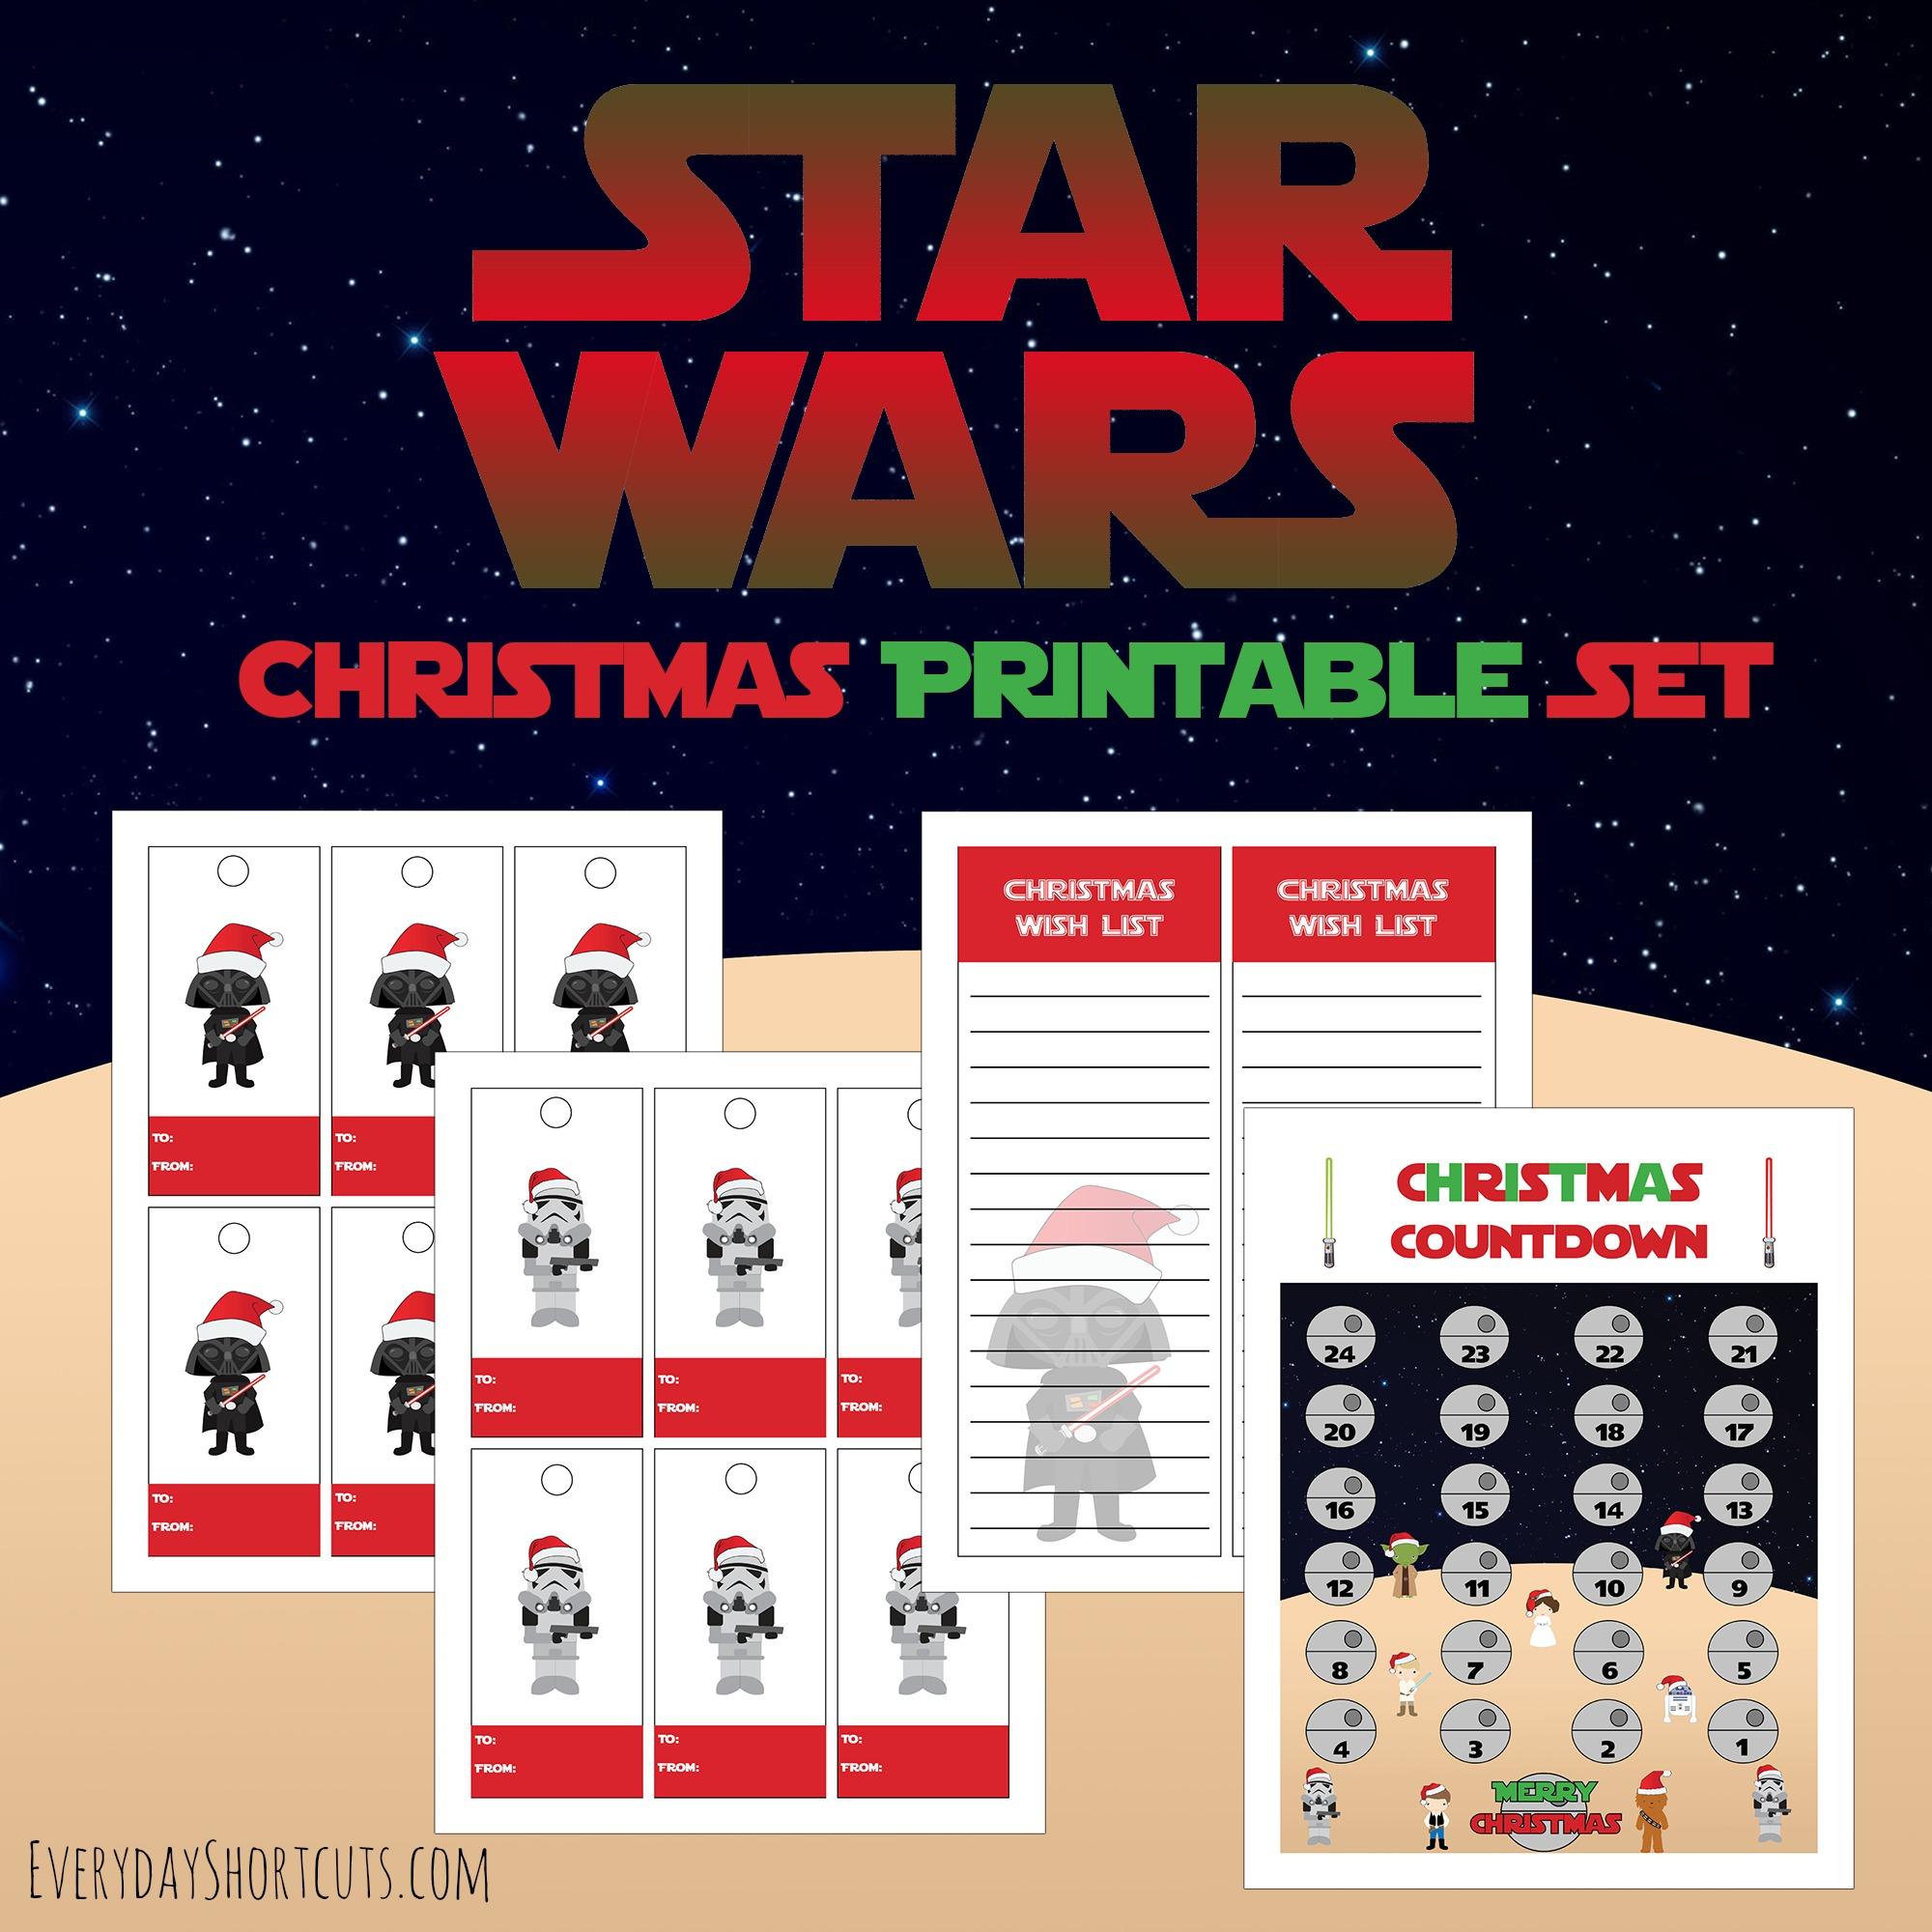 star wars themed christmas printable set